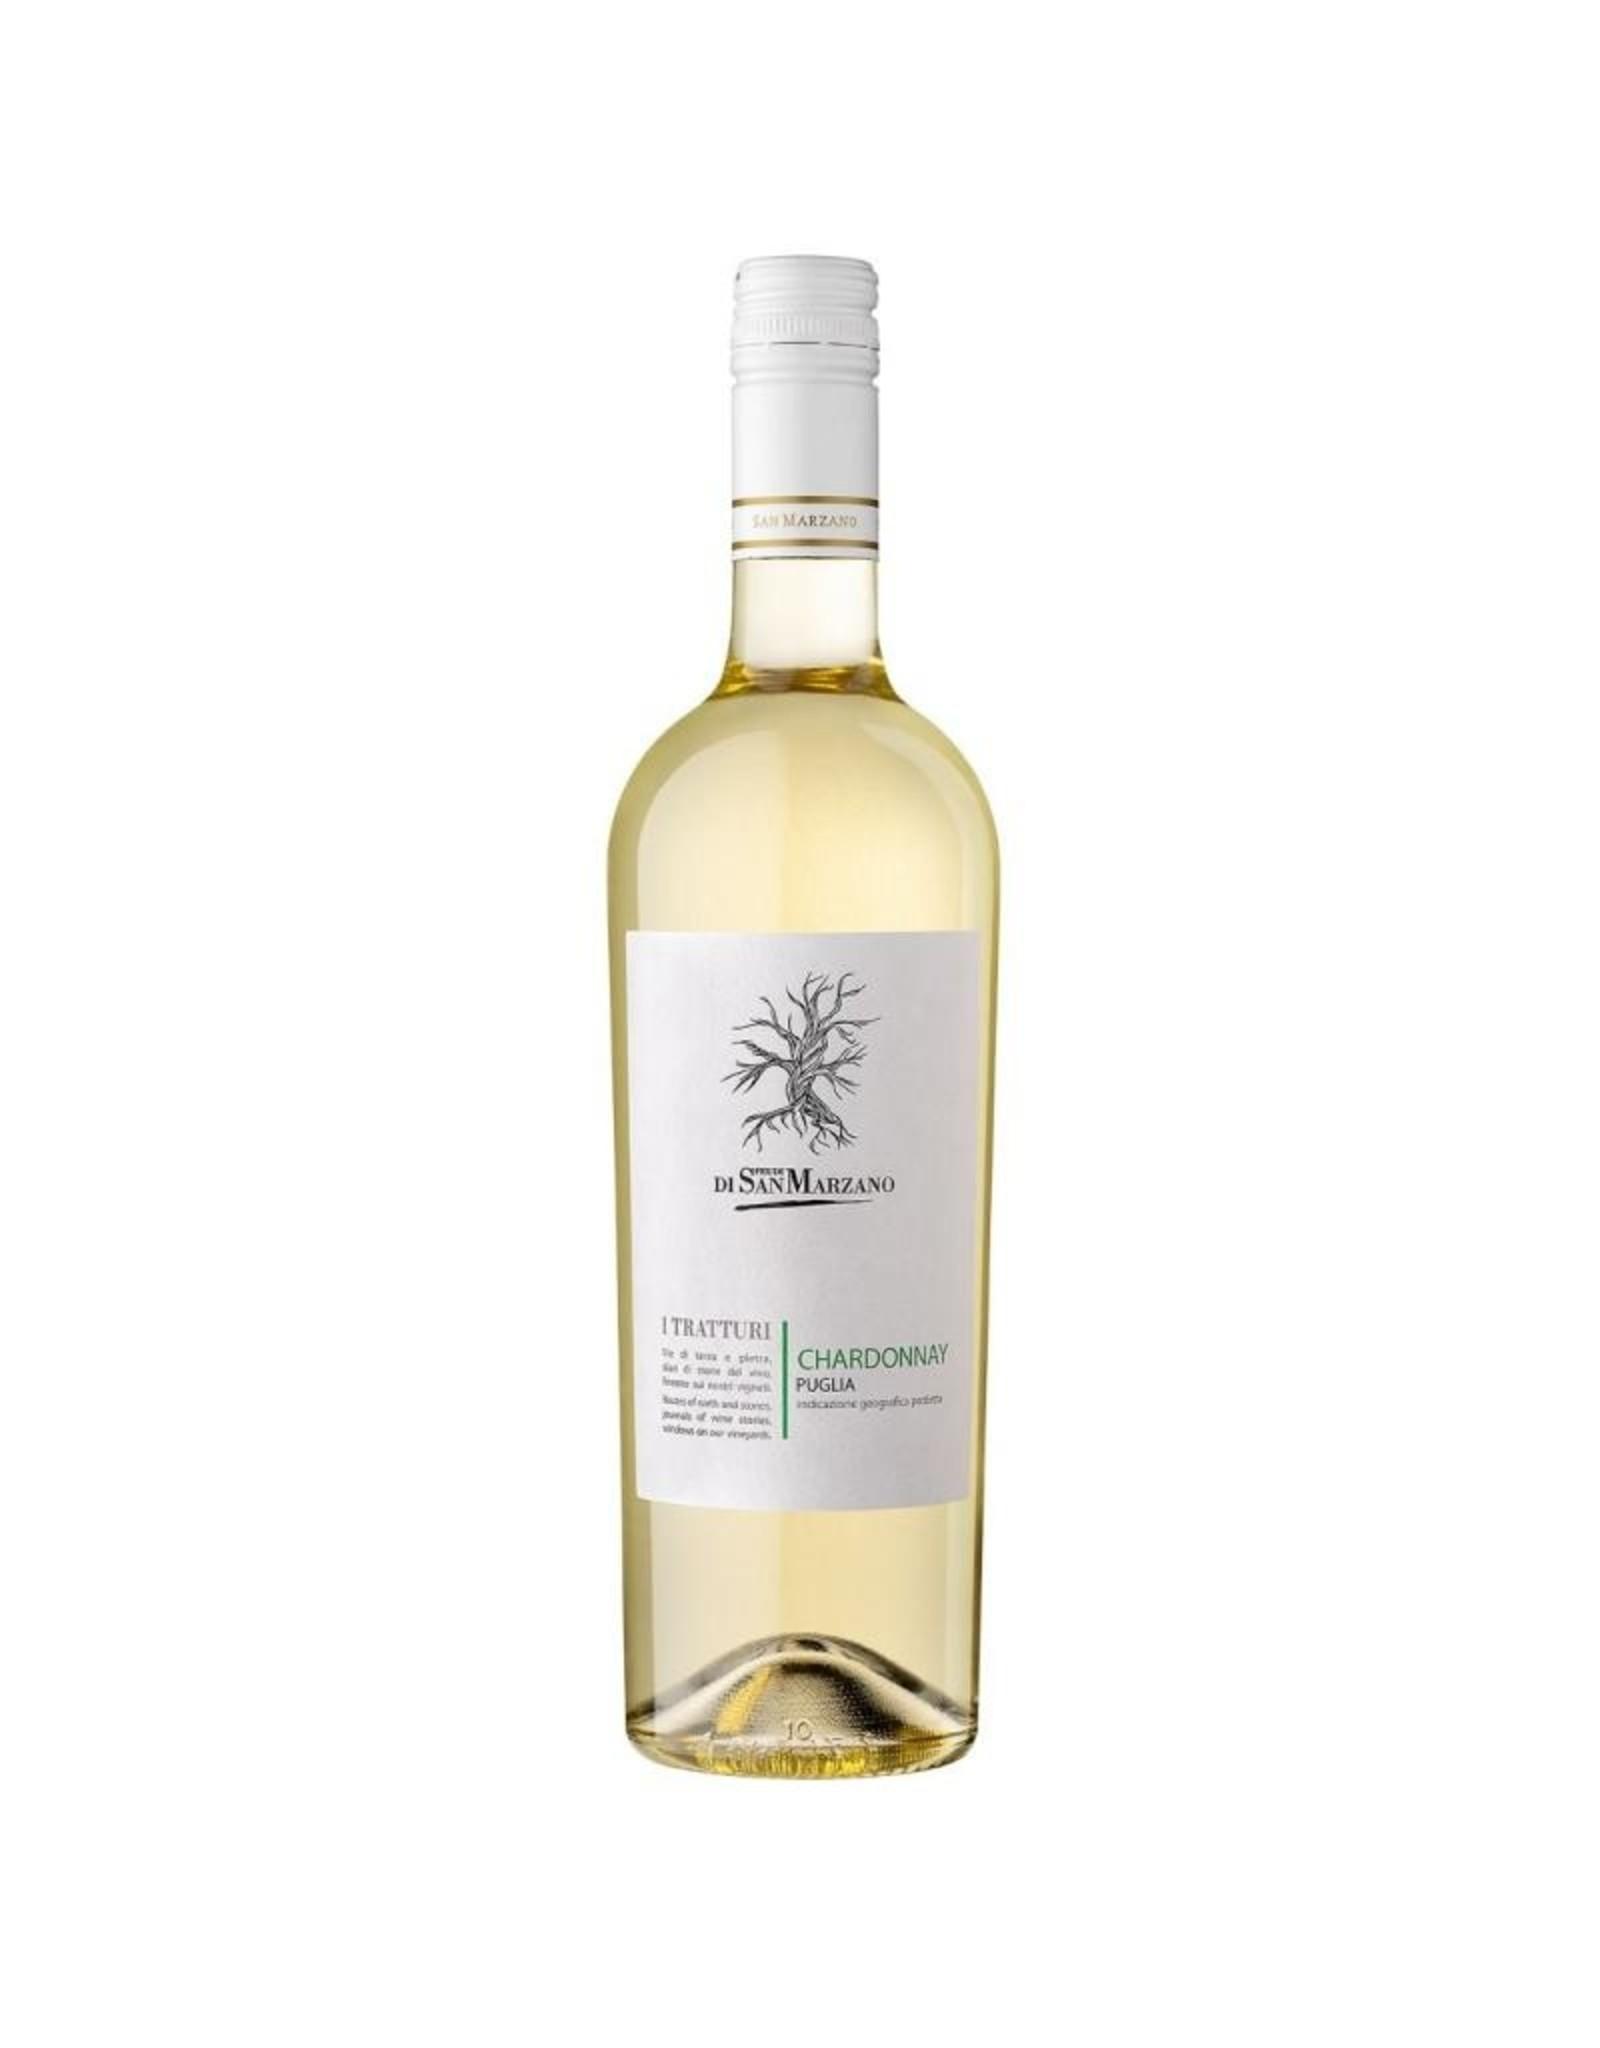 Di San Marzano Di San Marzano Puglia Chardonnay 75cl